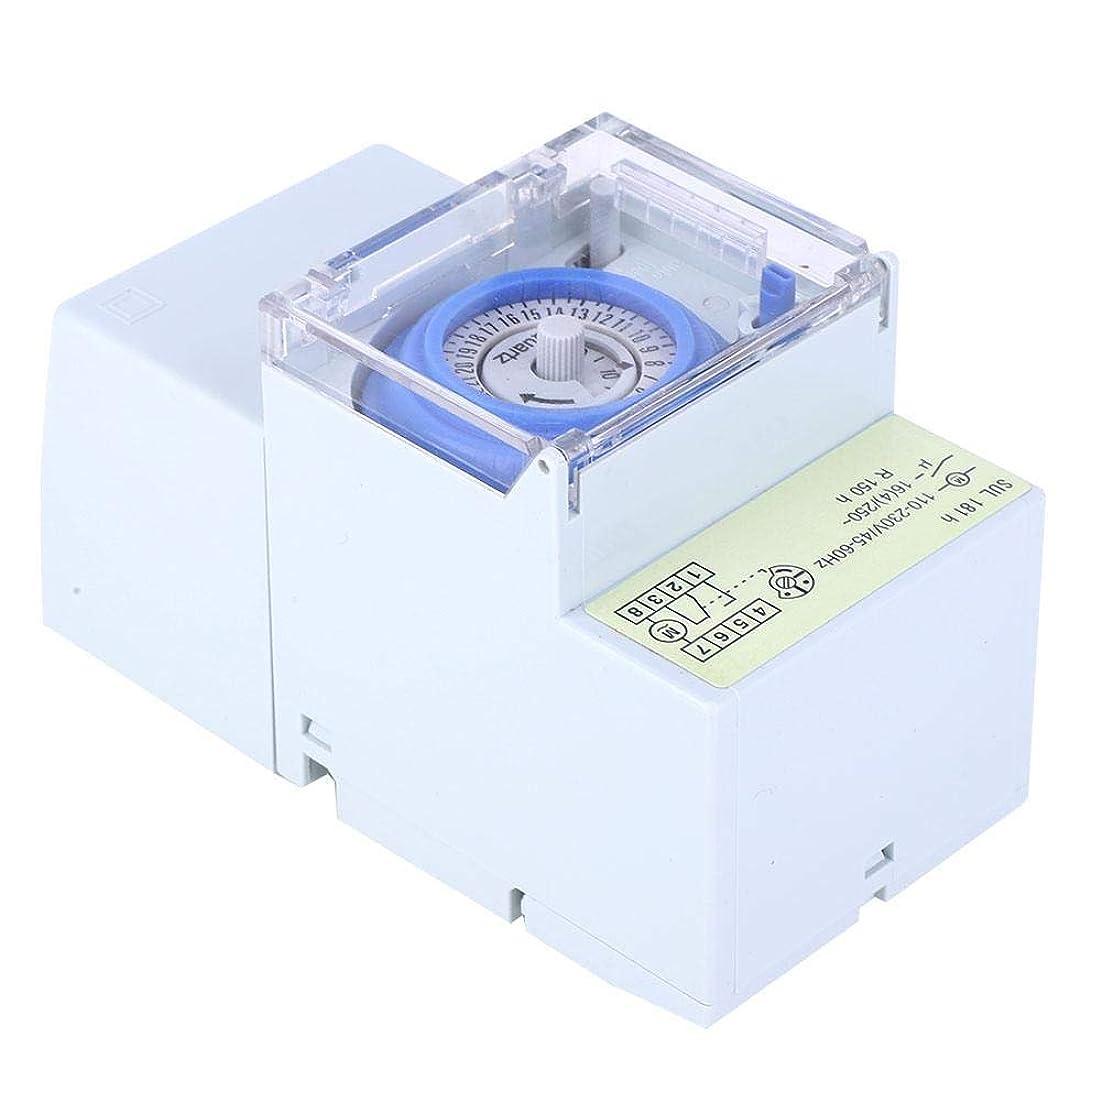 空洞マトロン投資するLCDパワーメカニカルタイマースイッチ、週刊SUL181hデジタルタイムスイッチ、家電製品用ライト用AC110V / AC230V DIY家庭用